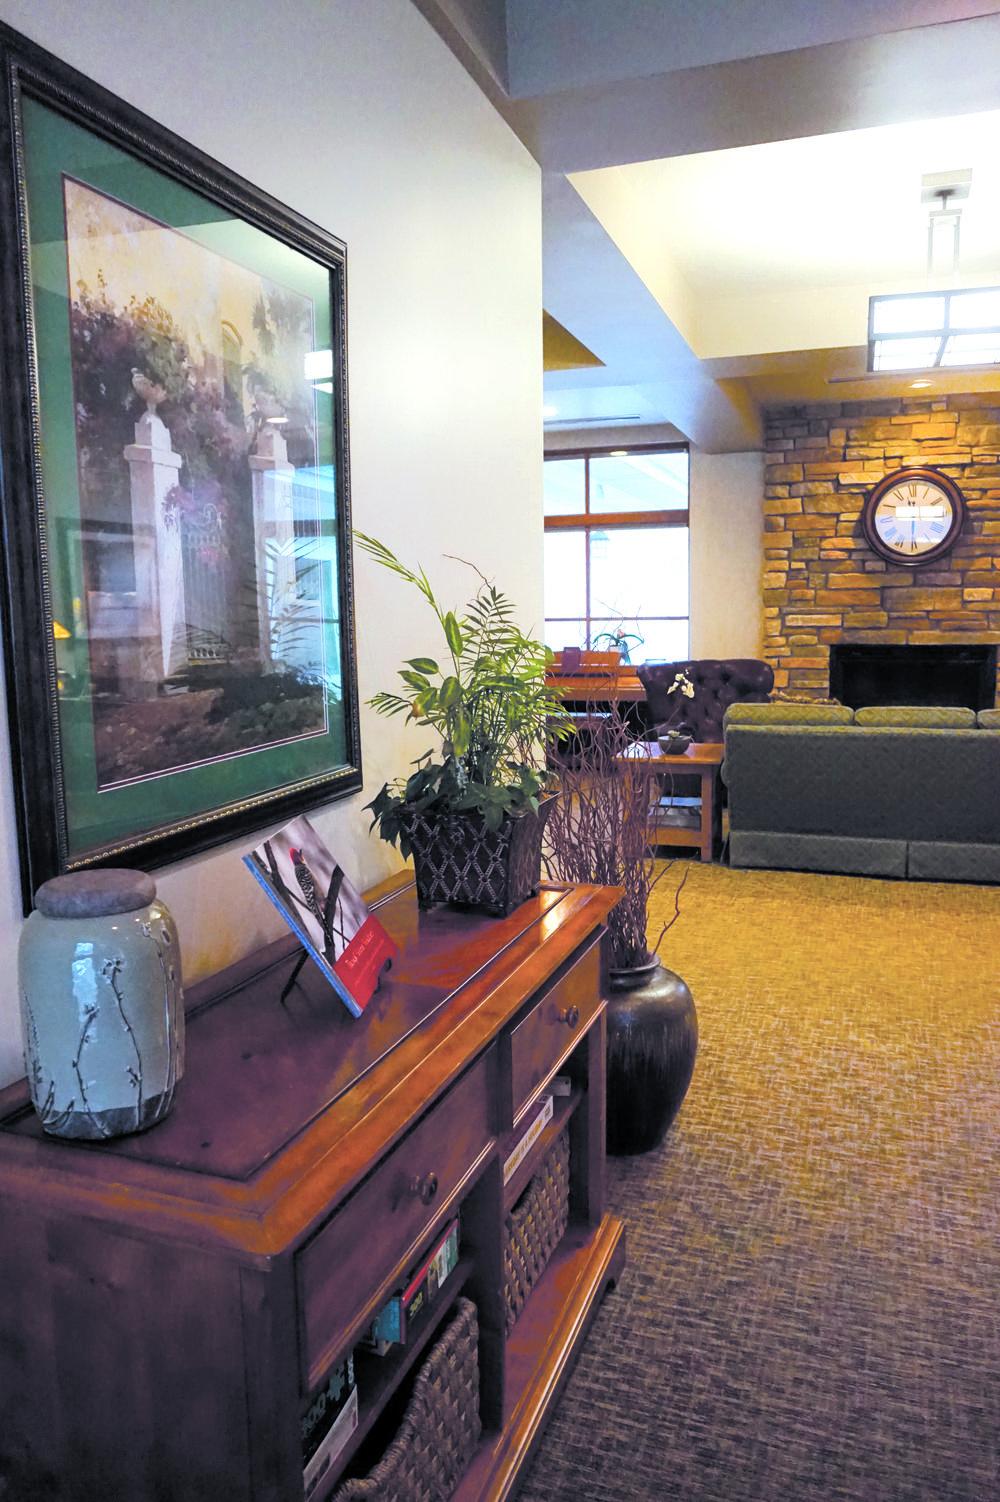 The Glenn Arbor great room